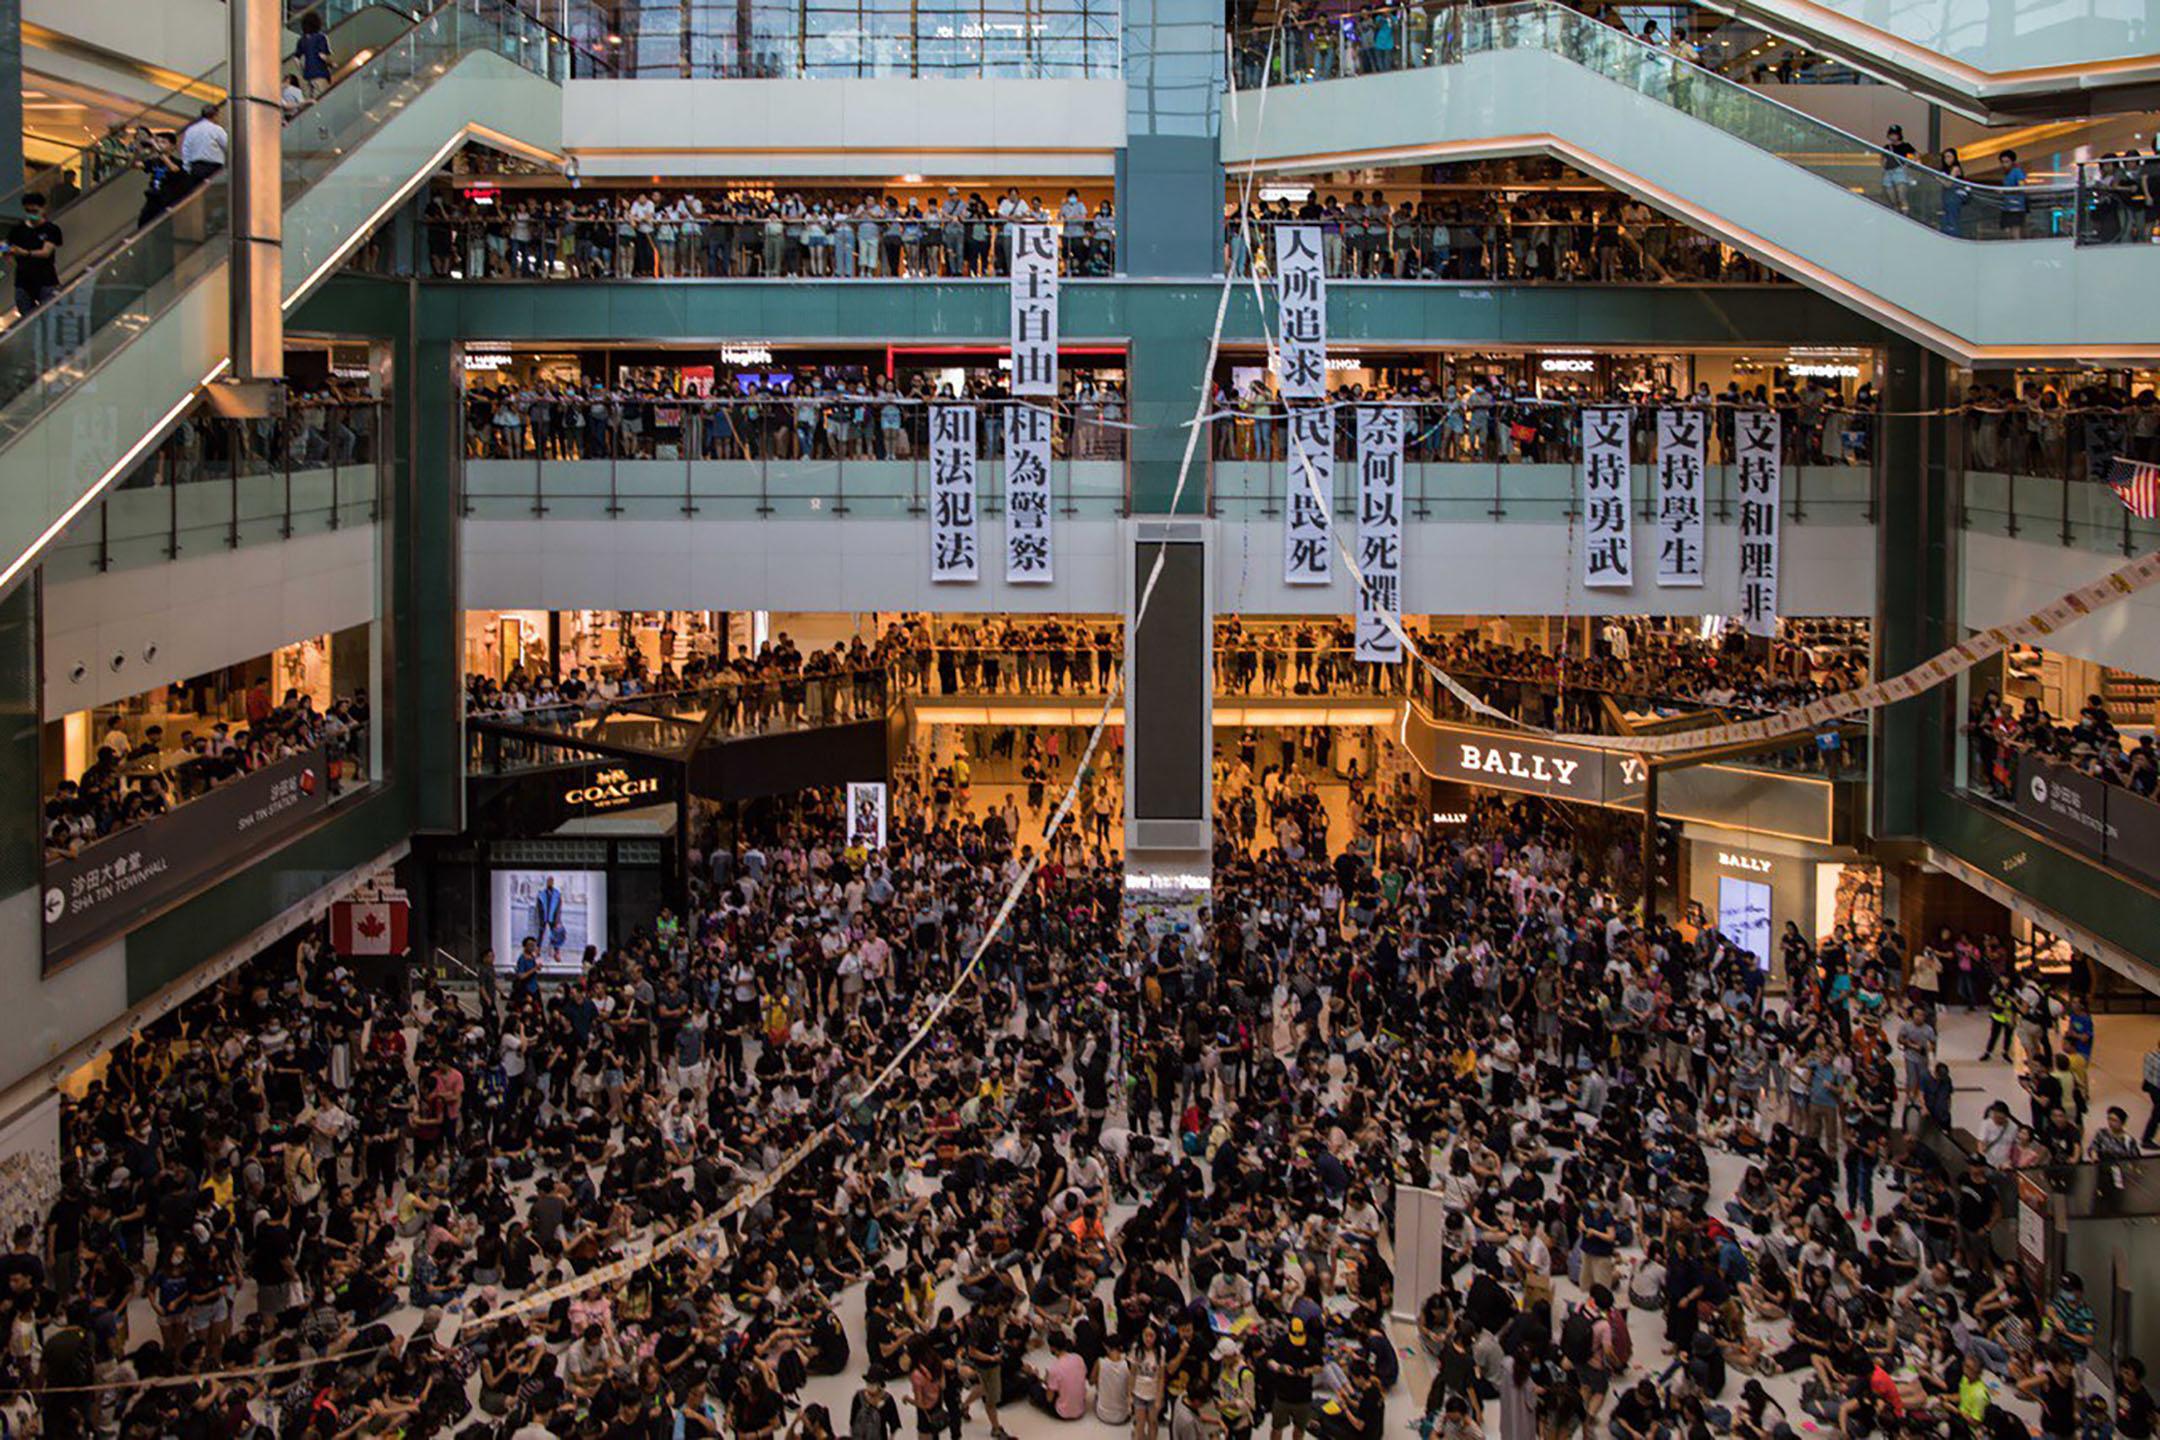 9月22日,下午五點左右,示威者聚集在沙田新城市廣場。